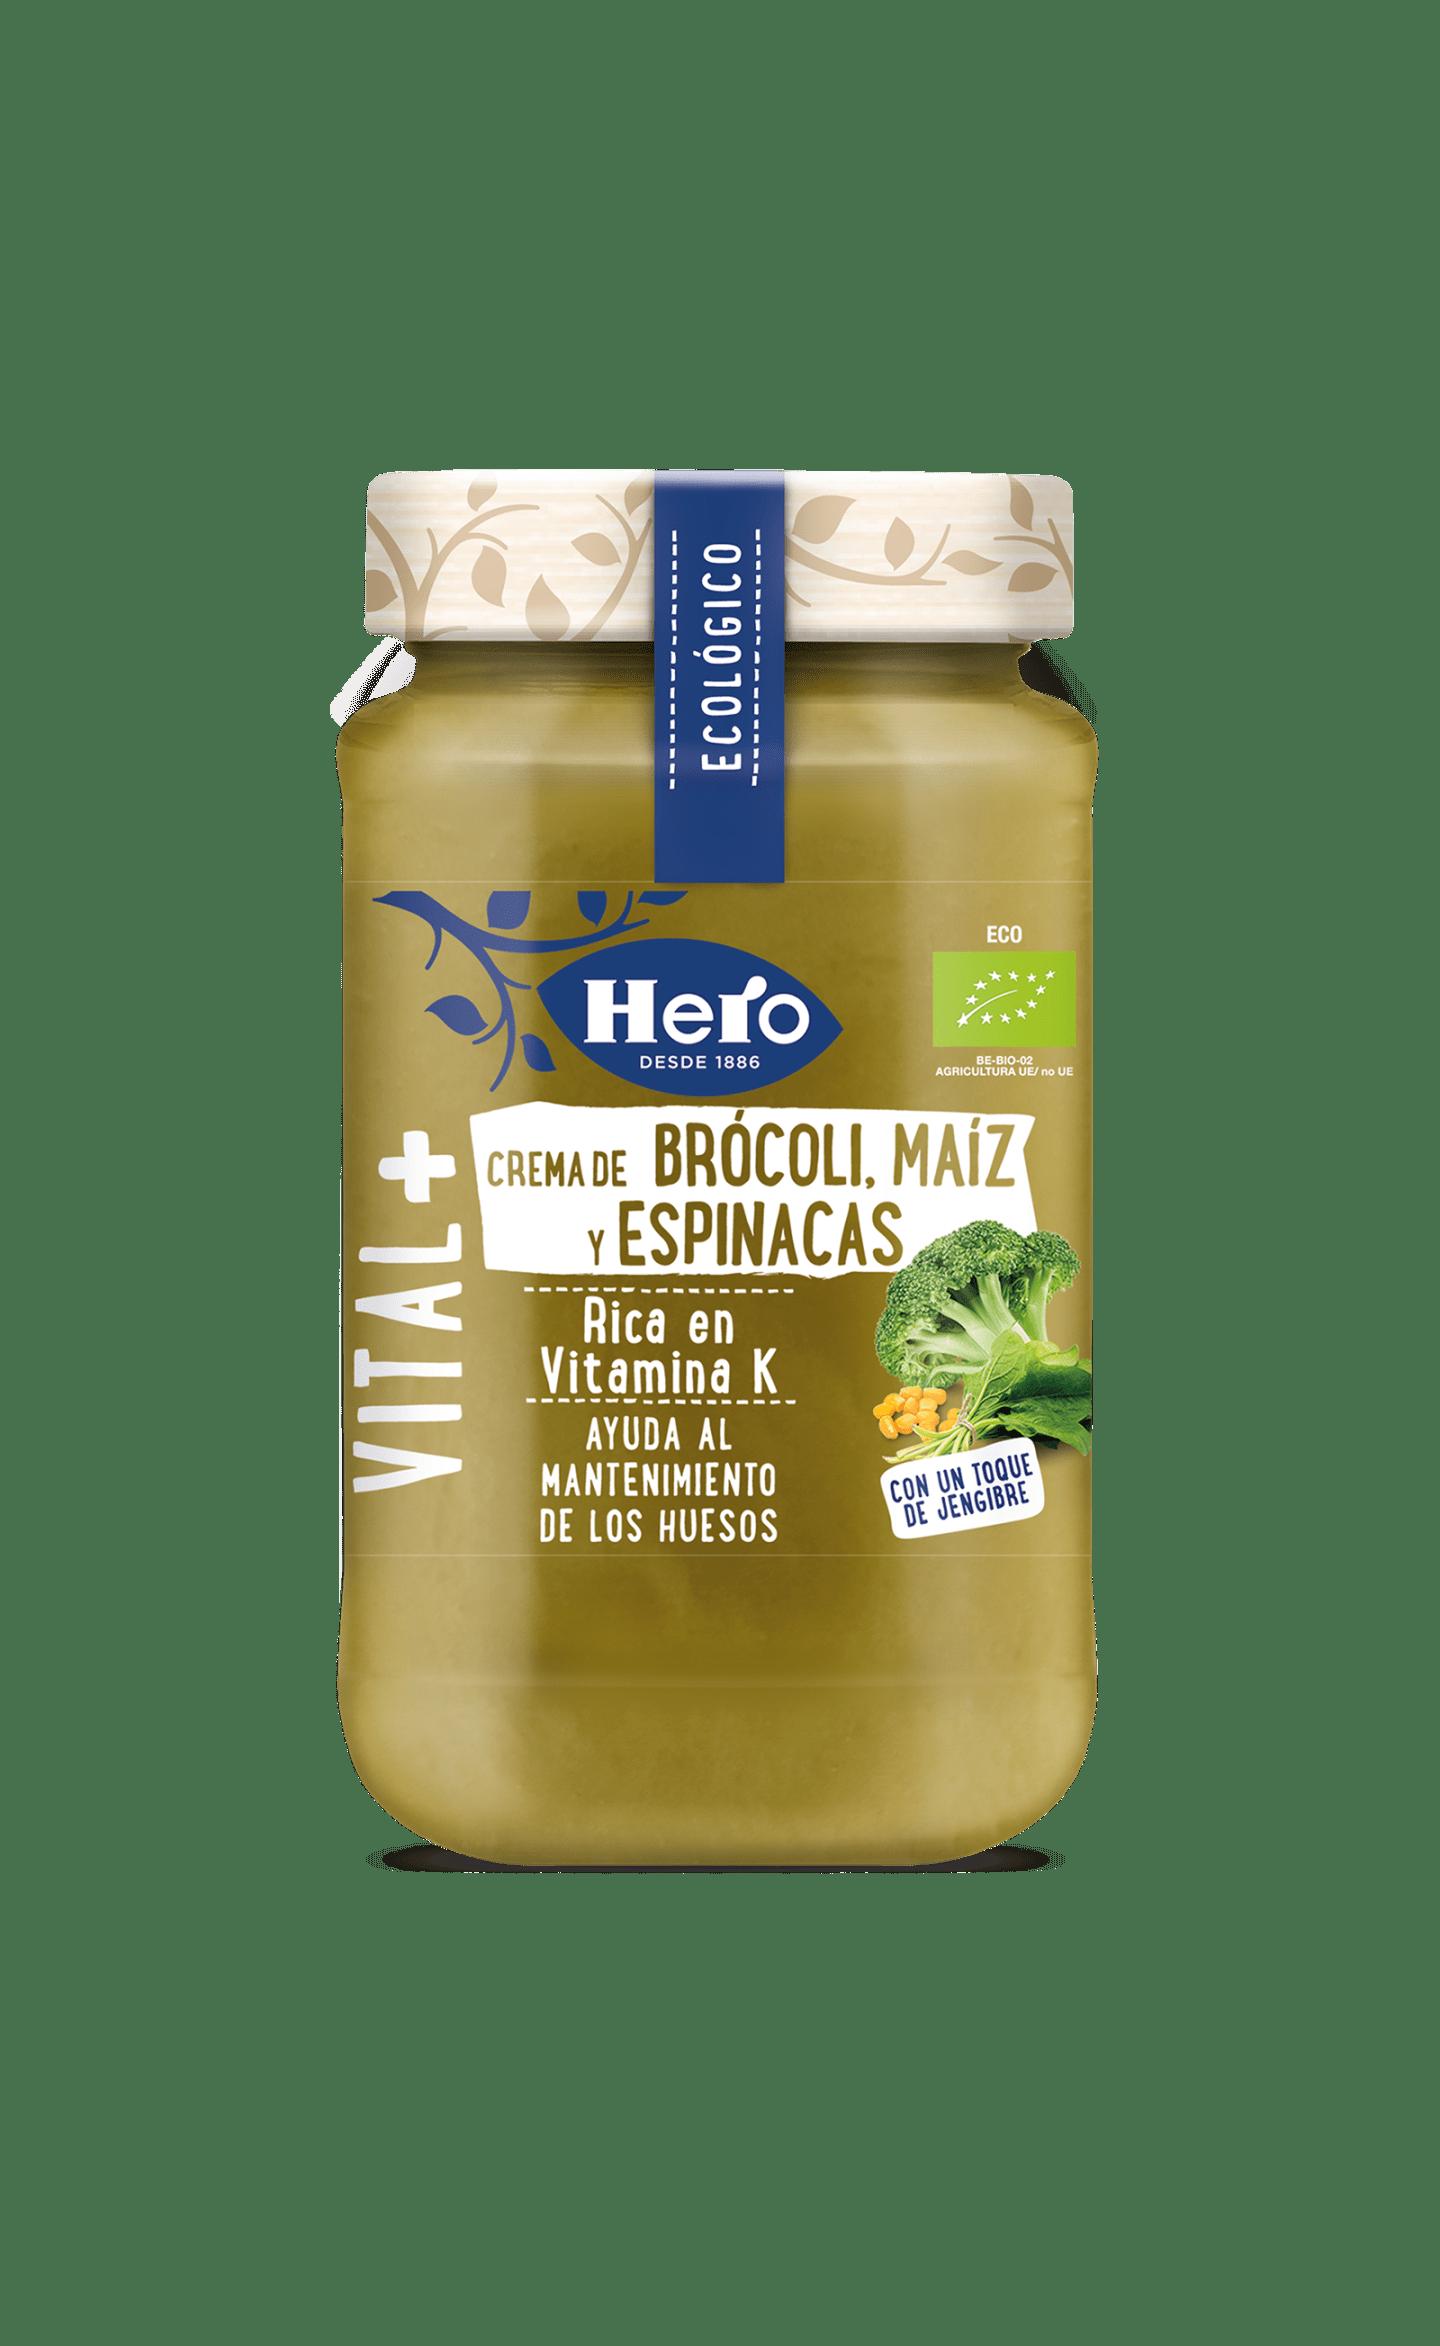 Crema Ecológica Brócoli Maíz y Espinacas